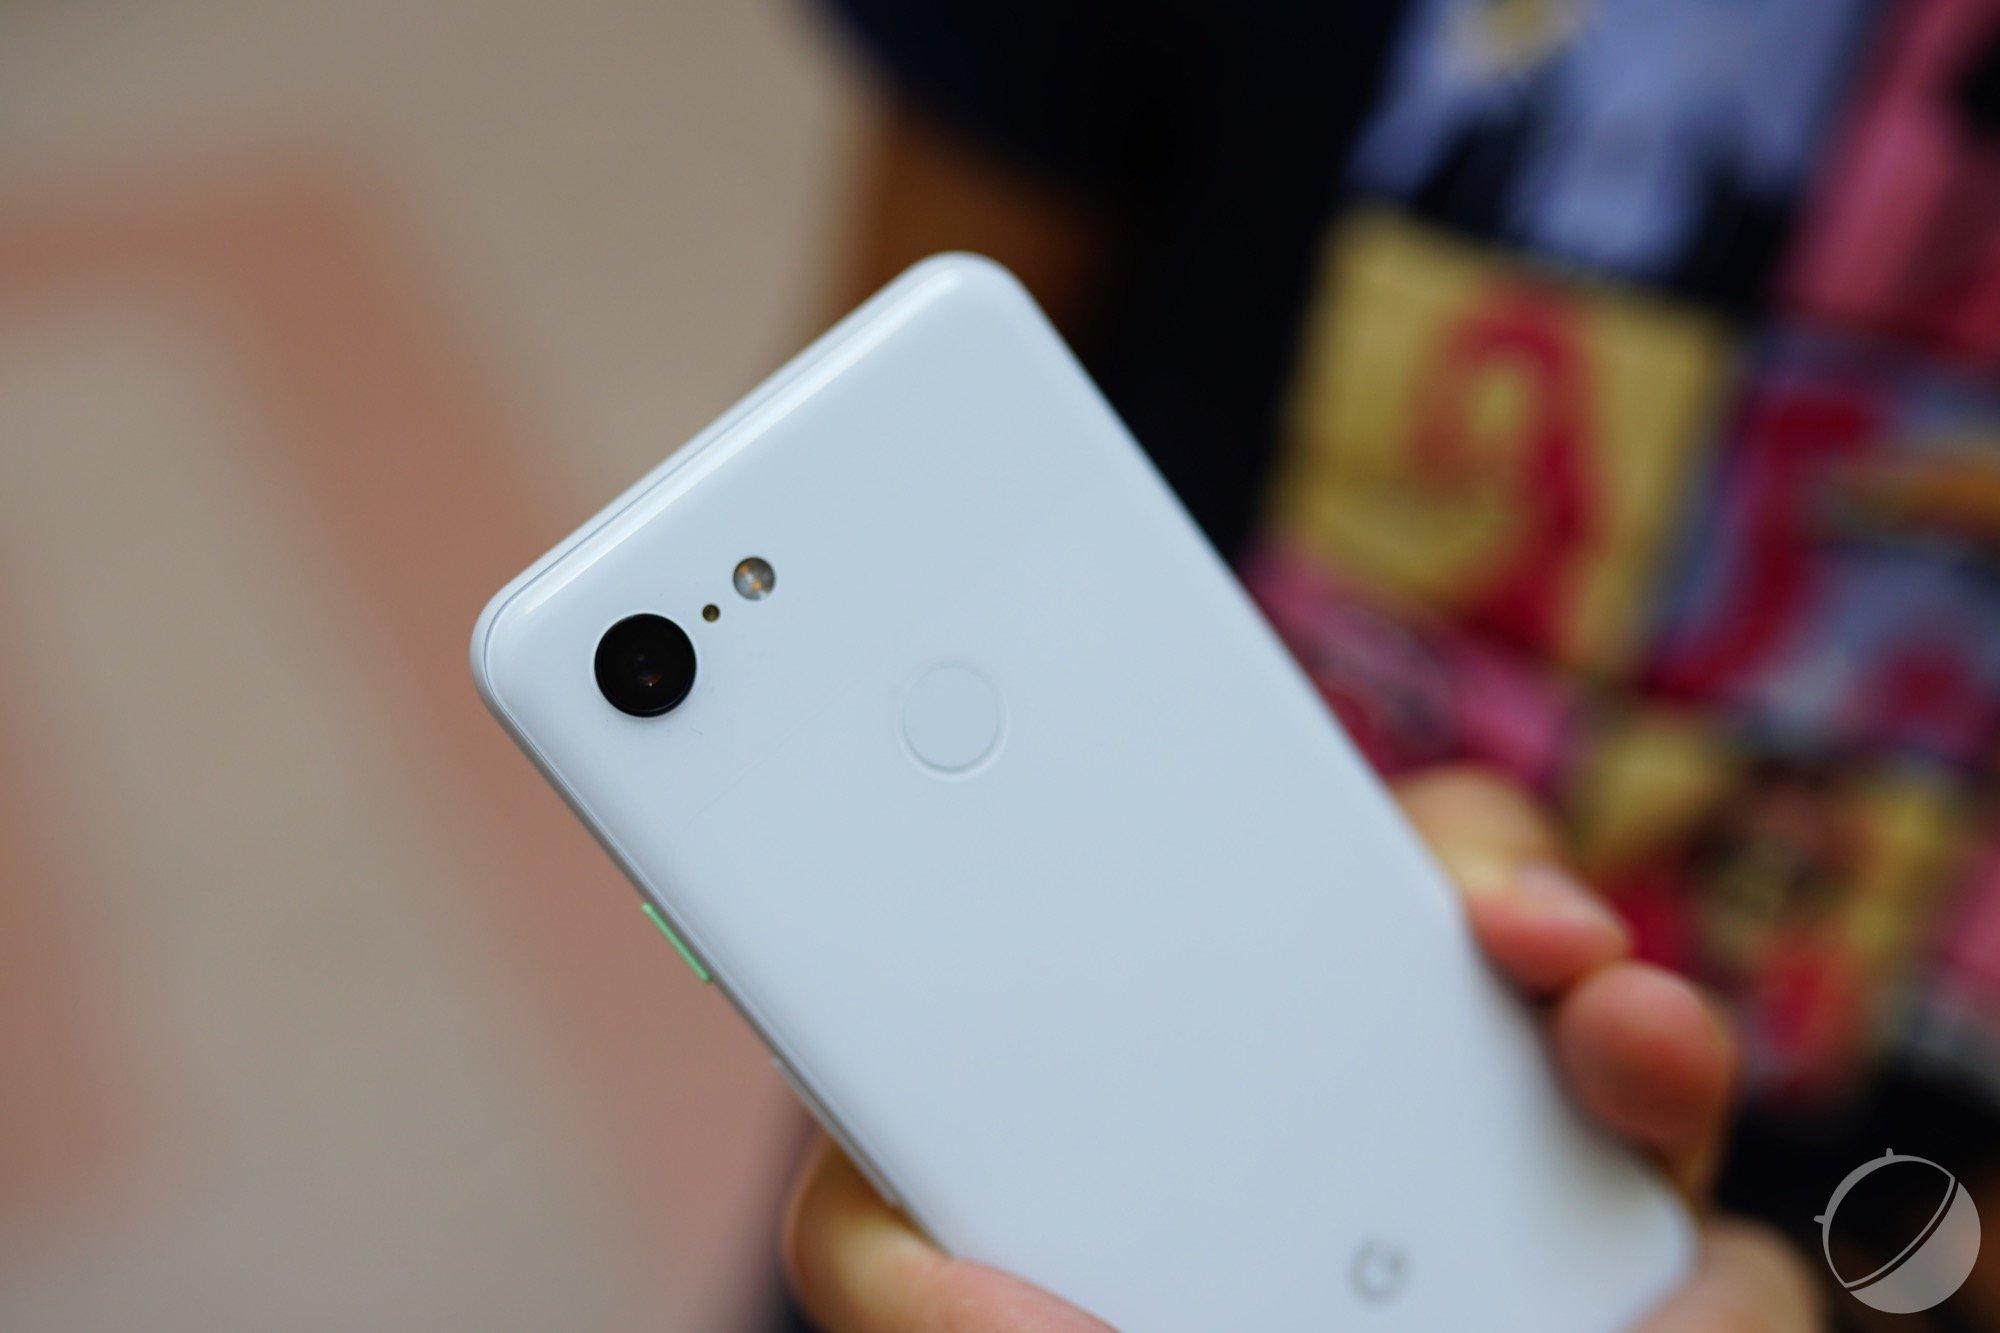 8348e893fe6b5d La force principale du Google Pixel 3 réside dans la qualité de ses photos.  Le smartphone est capable de réaliser de superbes clichés avec son seul et  ...